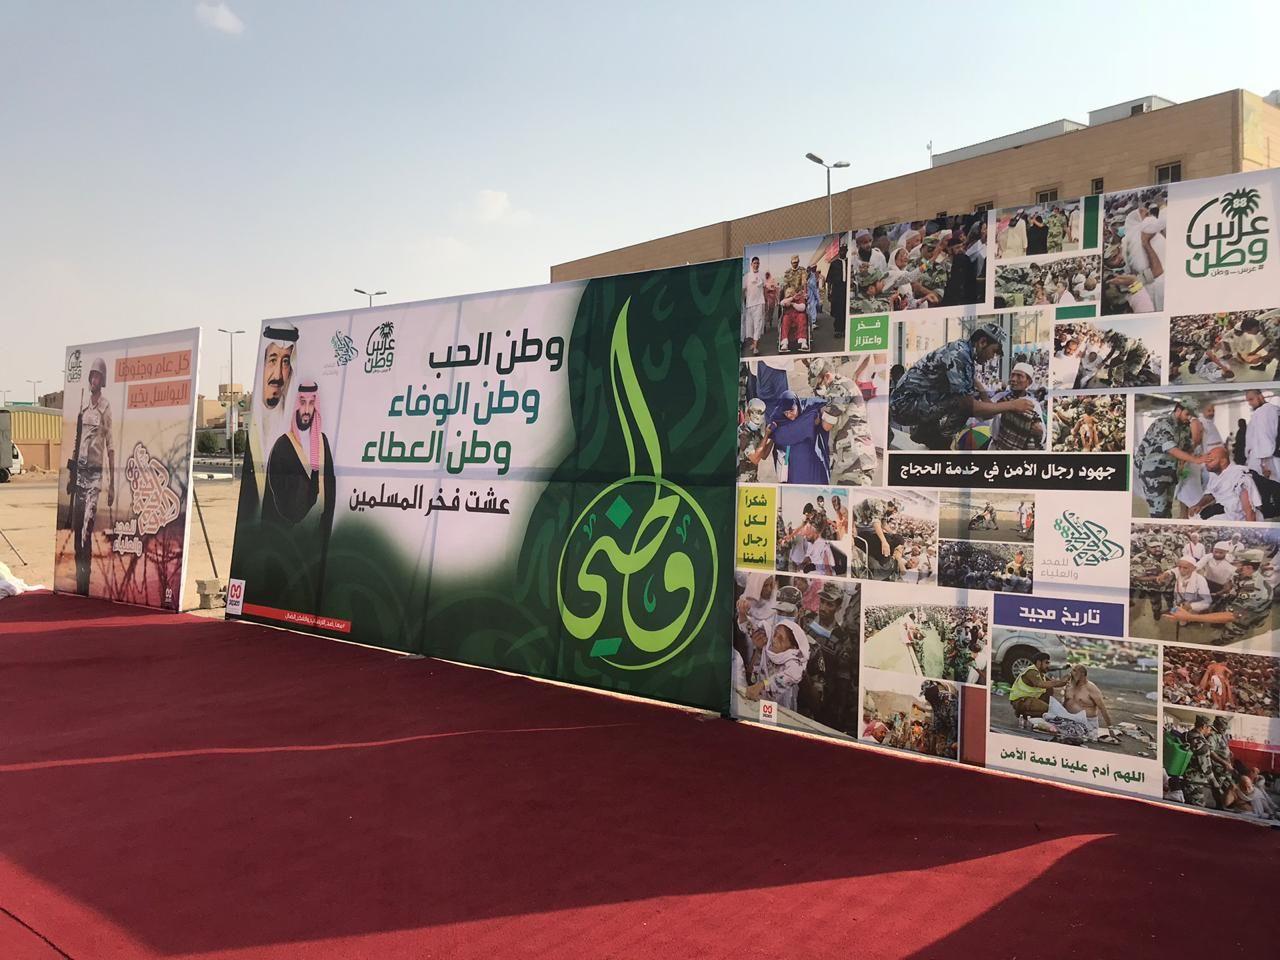 Pin By ممدوح للدعاية والإعلان Mamdouh On Banarat بنرات Photo Wall Decor Home Decor